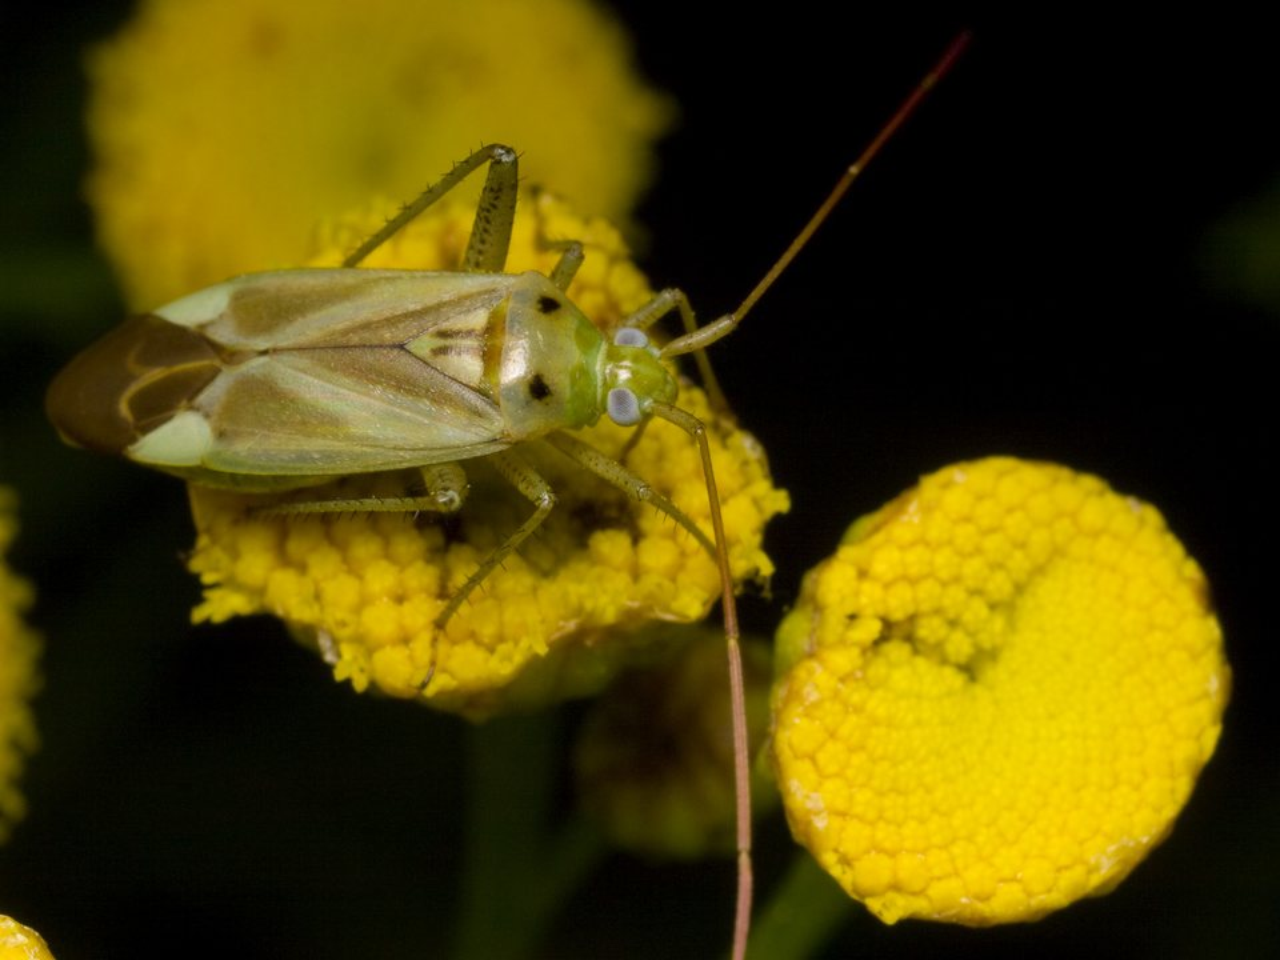 Adelphocoris-lineolatus-1143.jpg